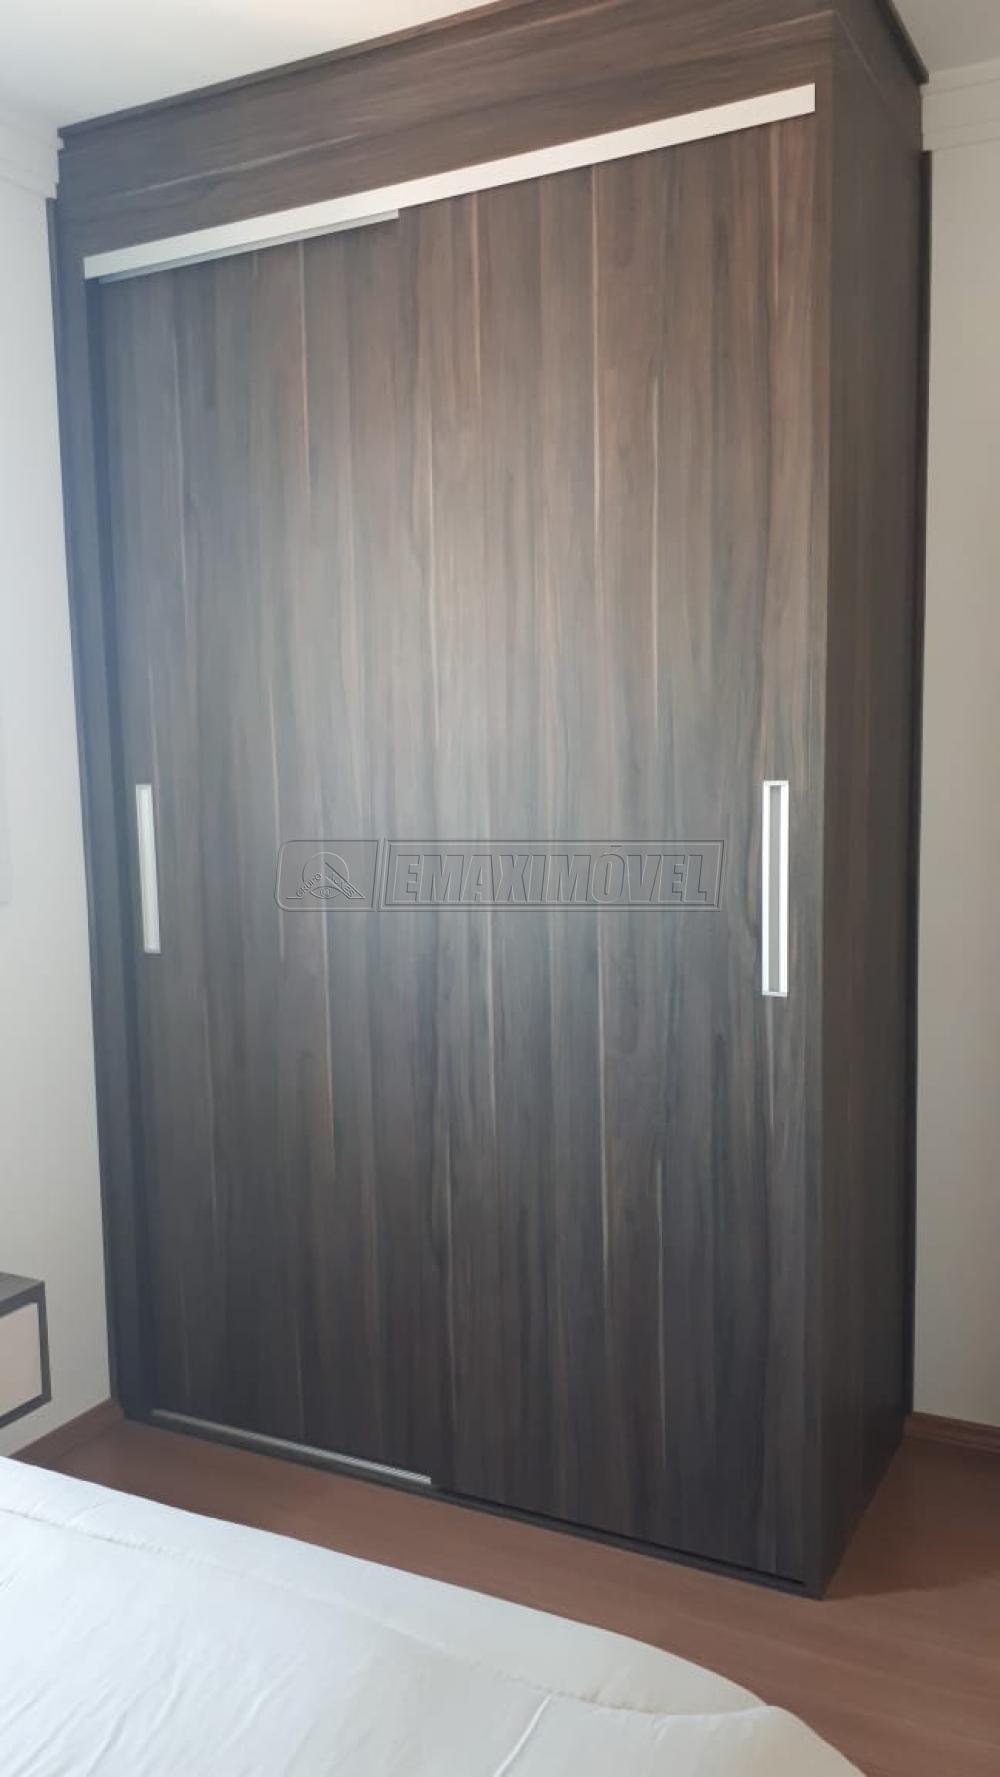 Comprar Apartamentos / Apto Padrão em Sorocaba apenas R$ 430.000,00 - Foto 20